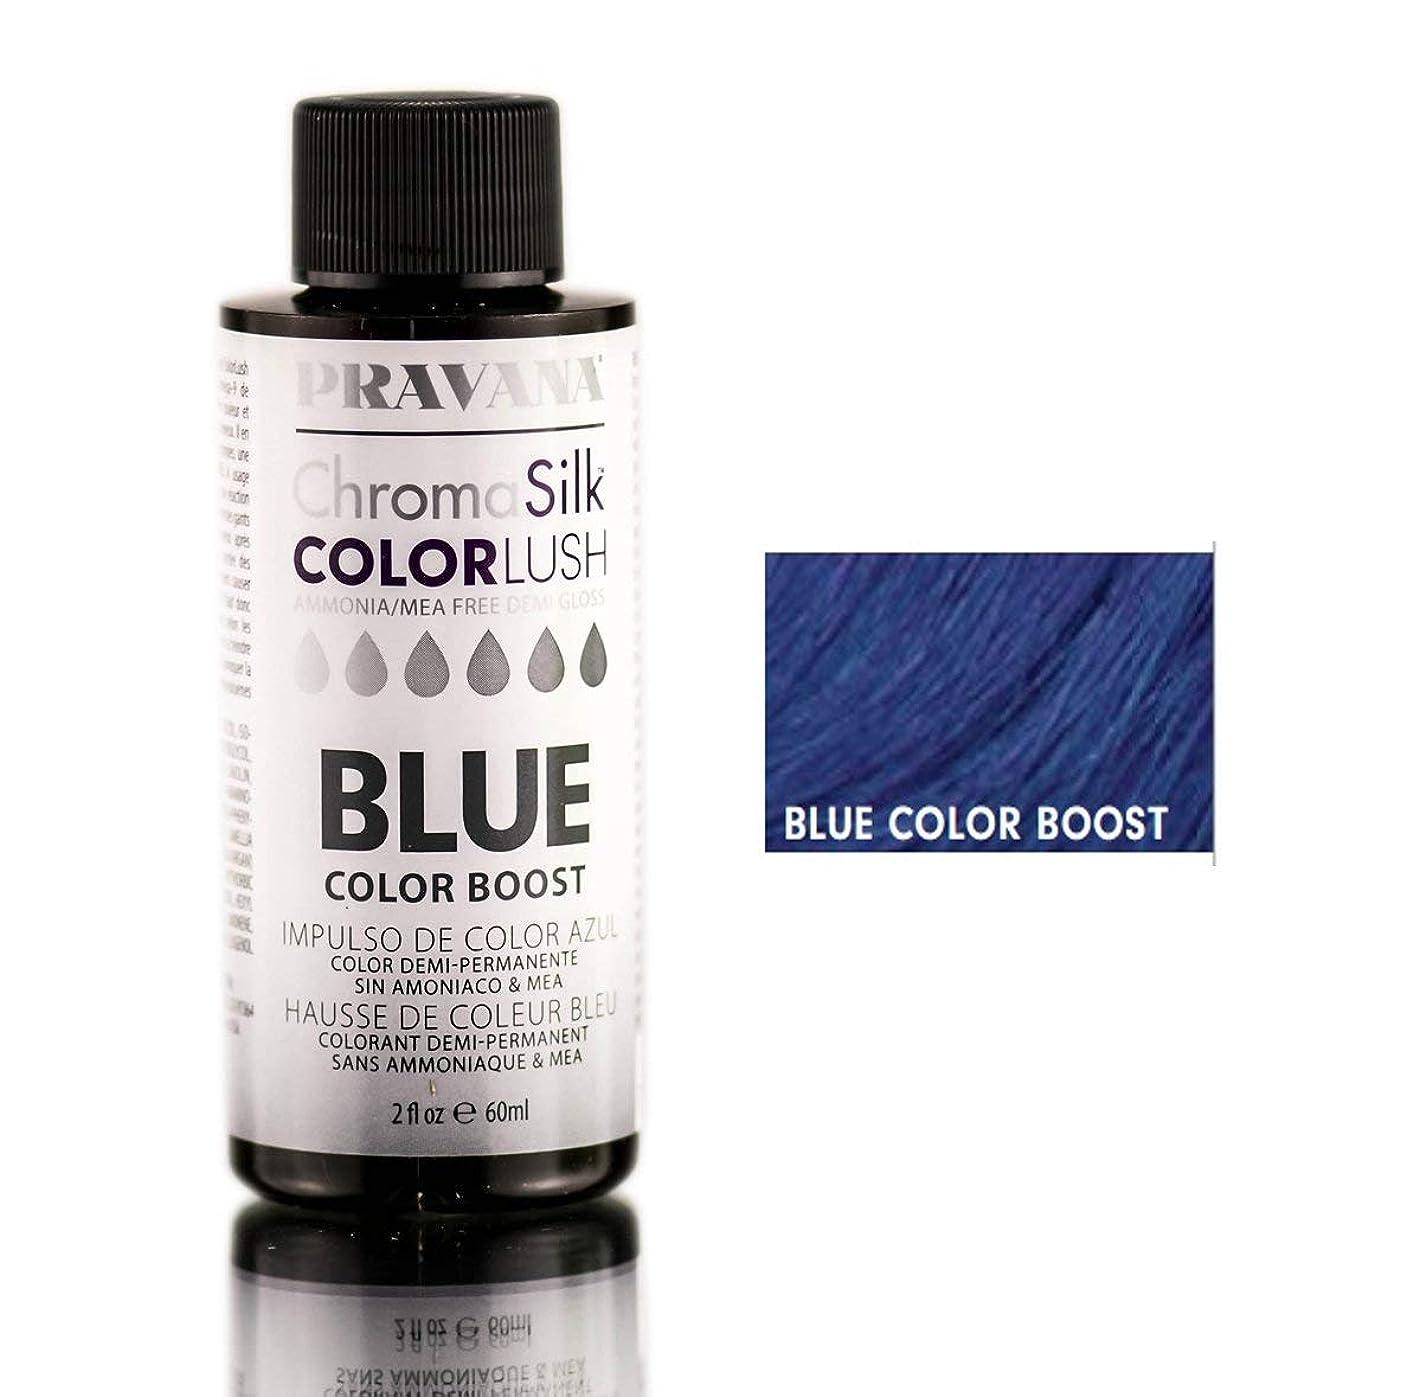 外観どちらも世界的にPravana ChromaSilk ColorLush色ブースト - ブルー/ 2オンス